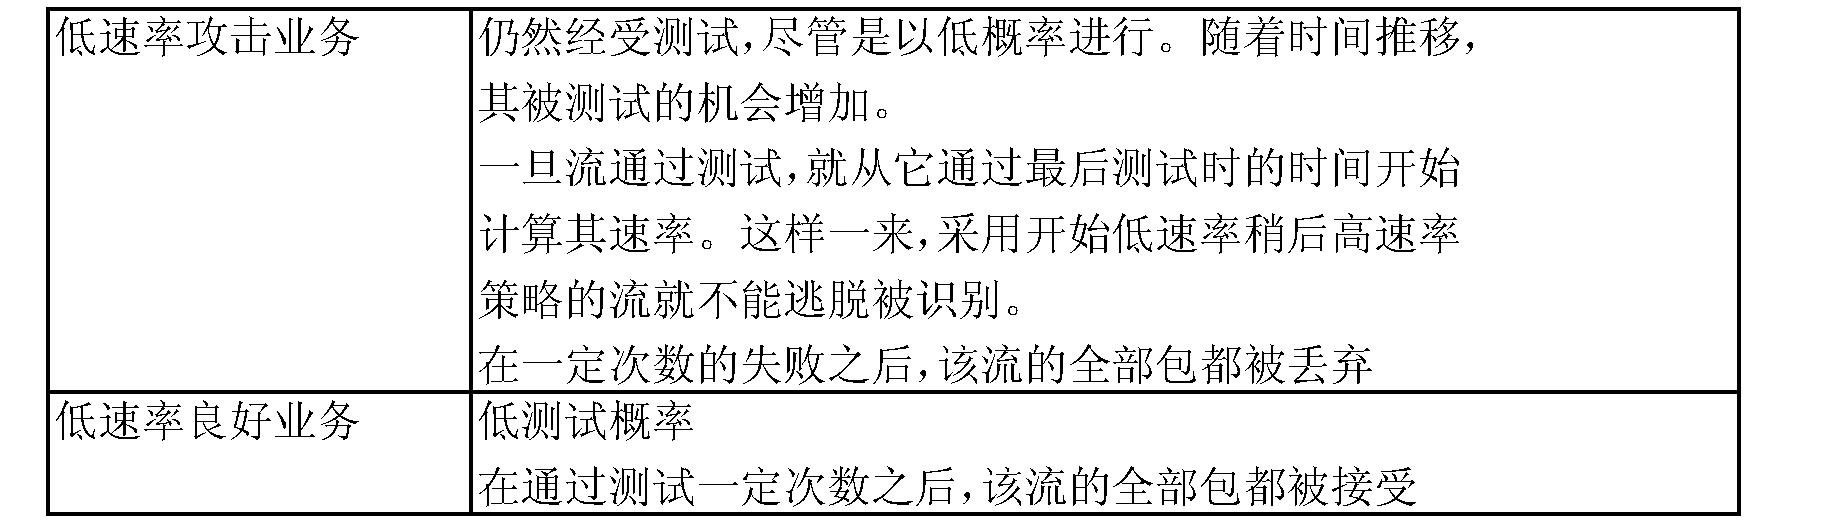 Figure CN101529386BD00131